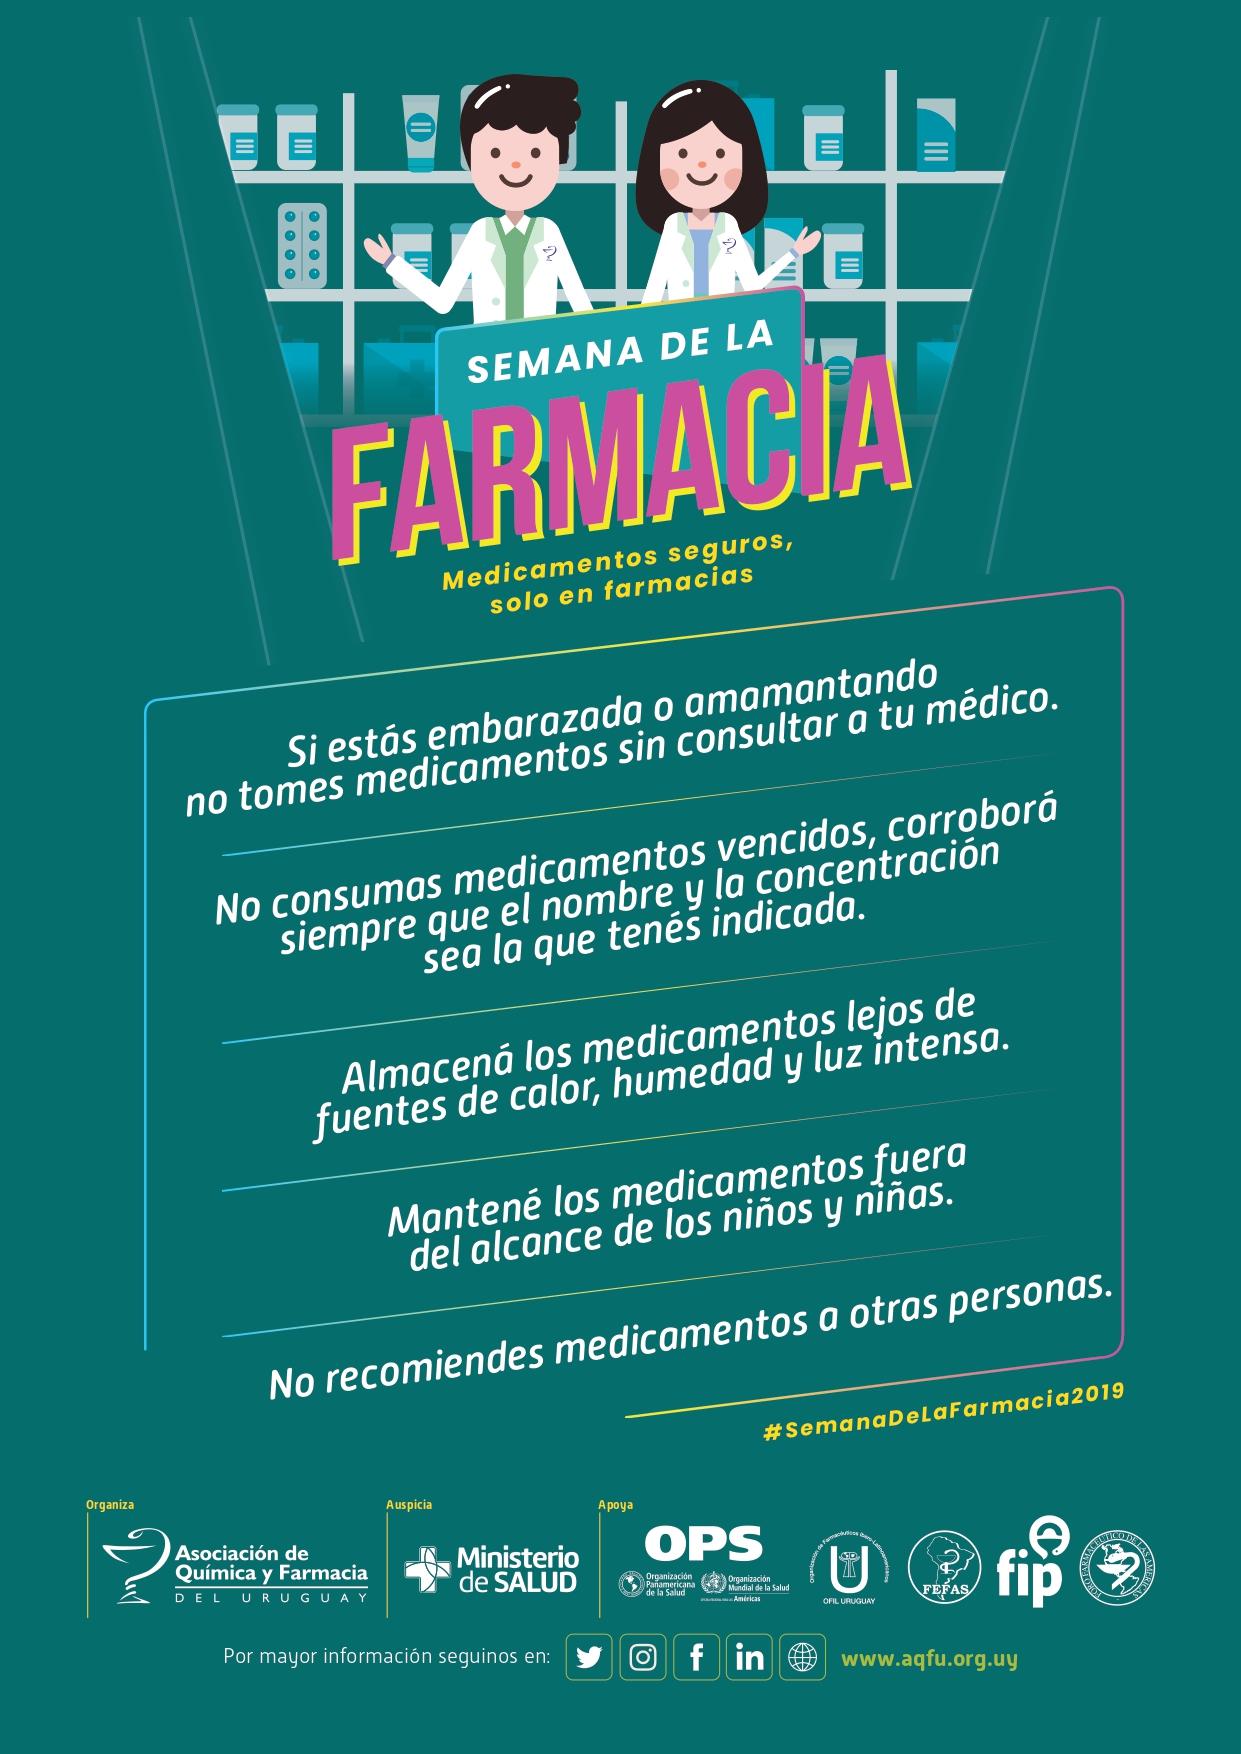 Semana de la farmacia_3_page-0001